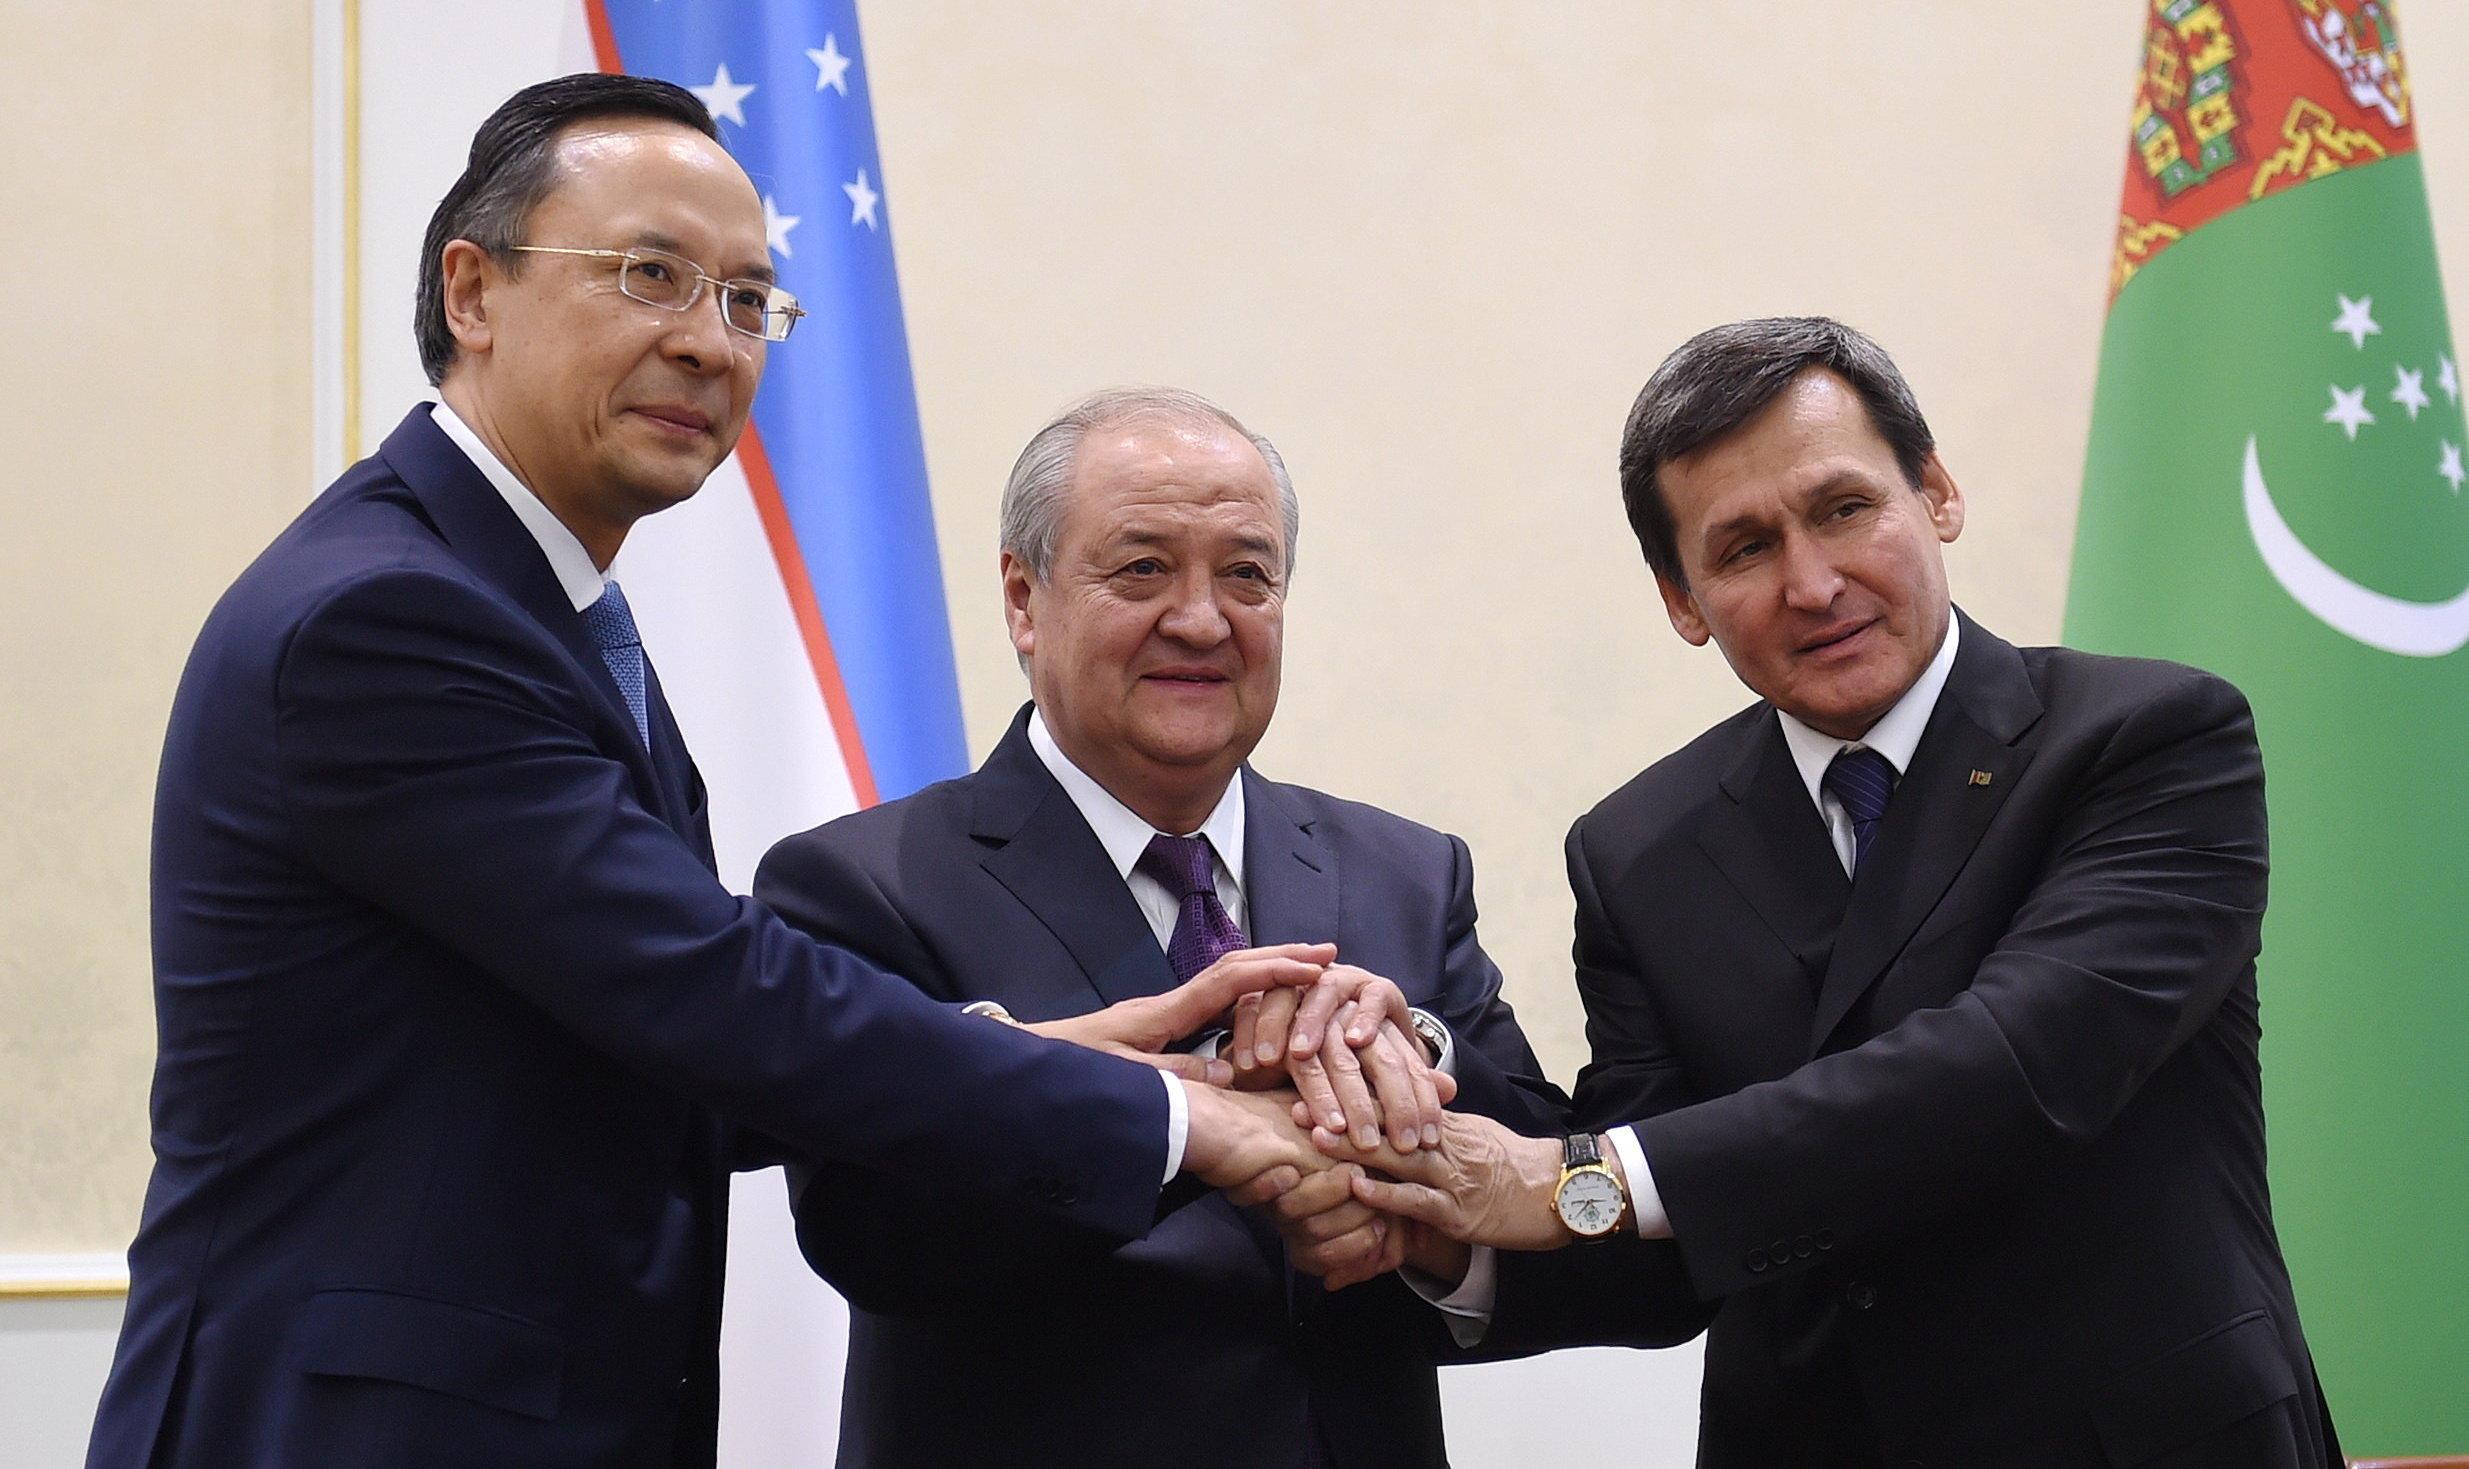 Узбекистан, Казахстан иТуркмения подписали договор оточке стыка границ